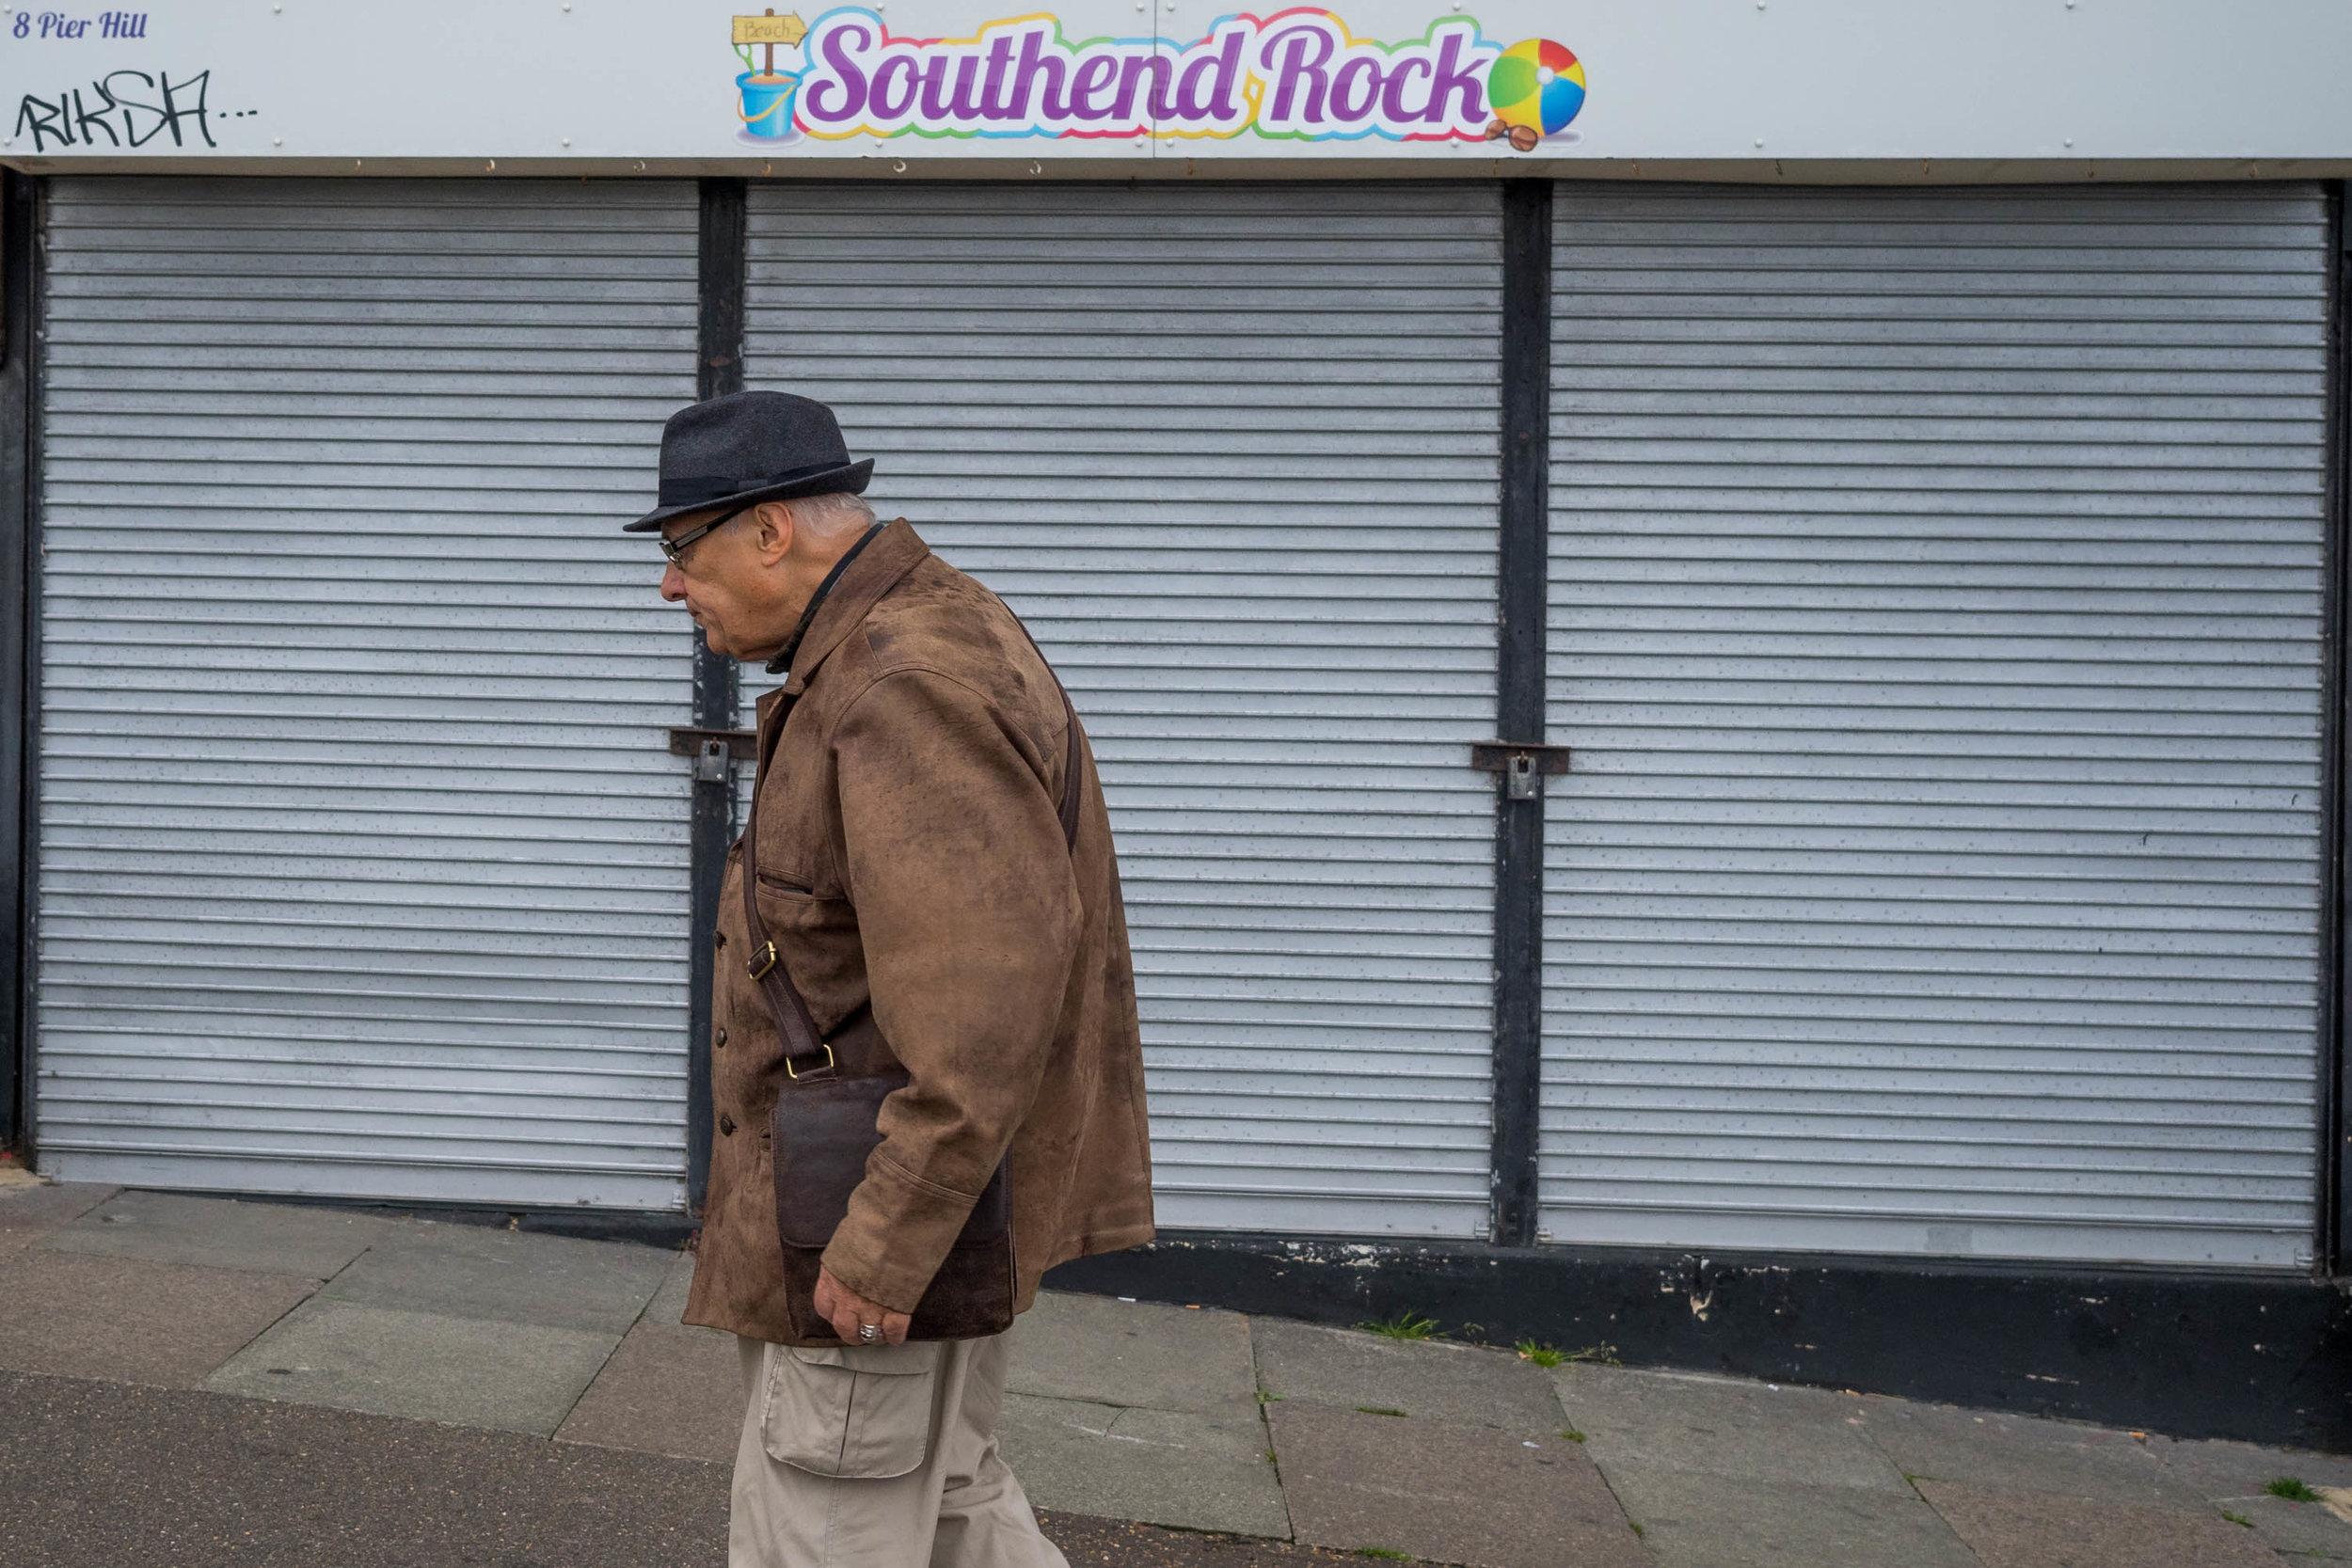 Southend Rock_3000px-60.jpg